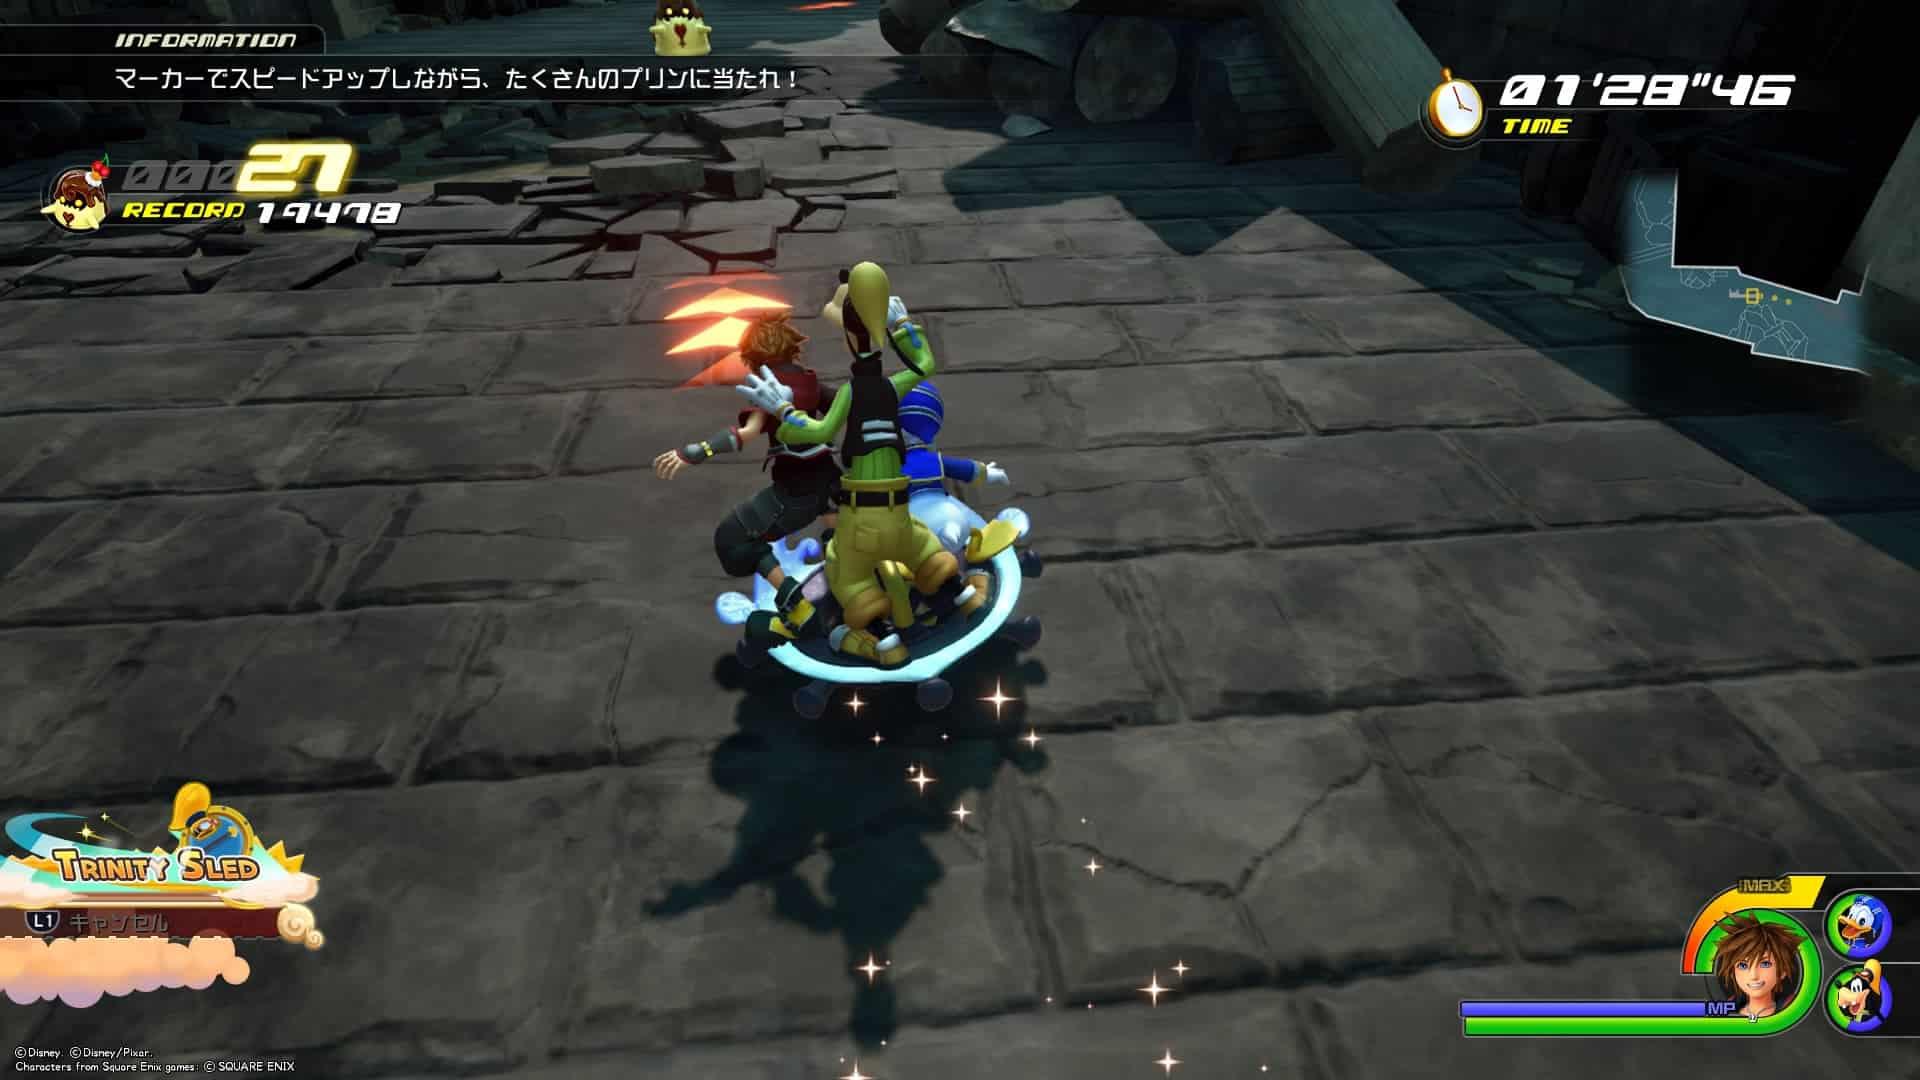 チェリープリンゲーム画面